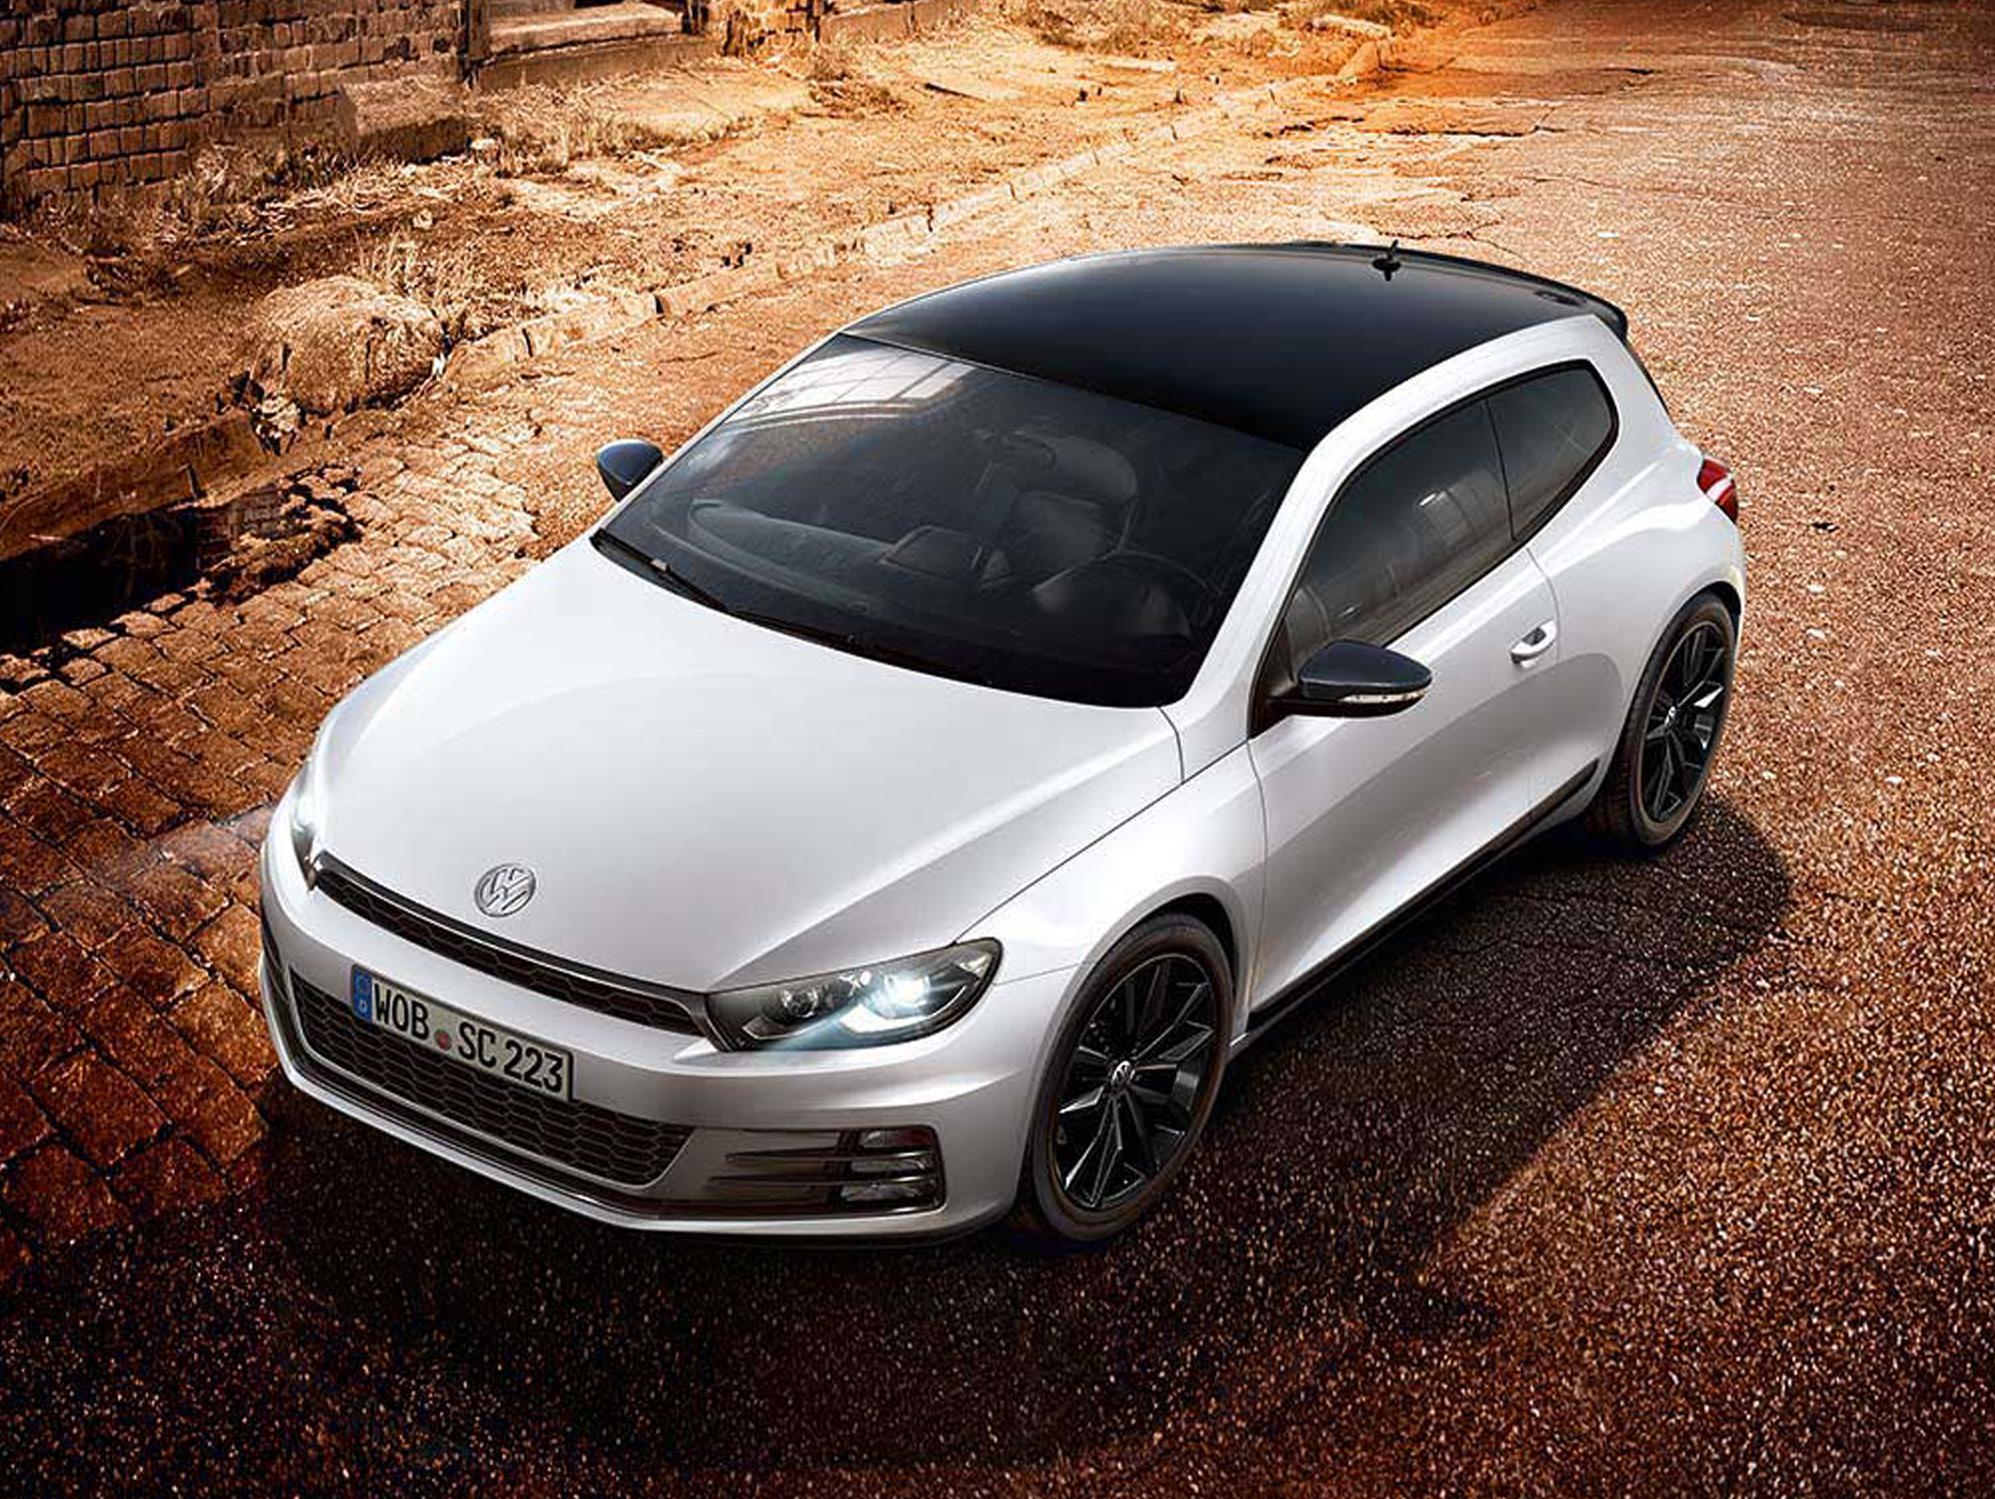 Volkswagen Scirocco gets special Black Edition models